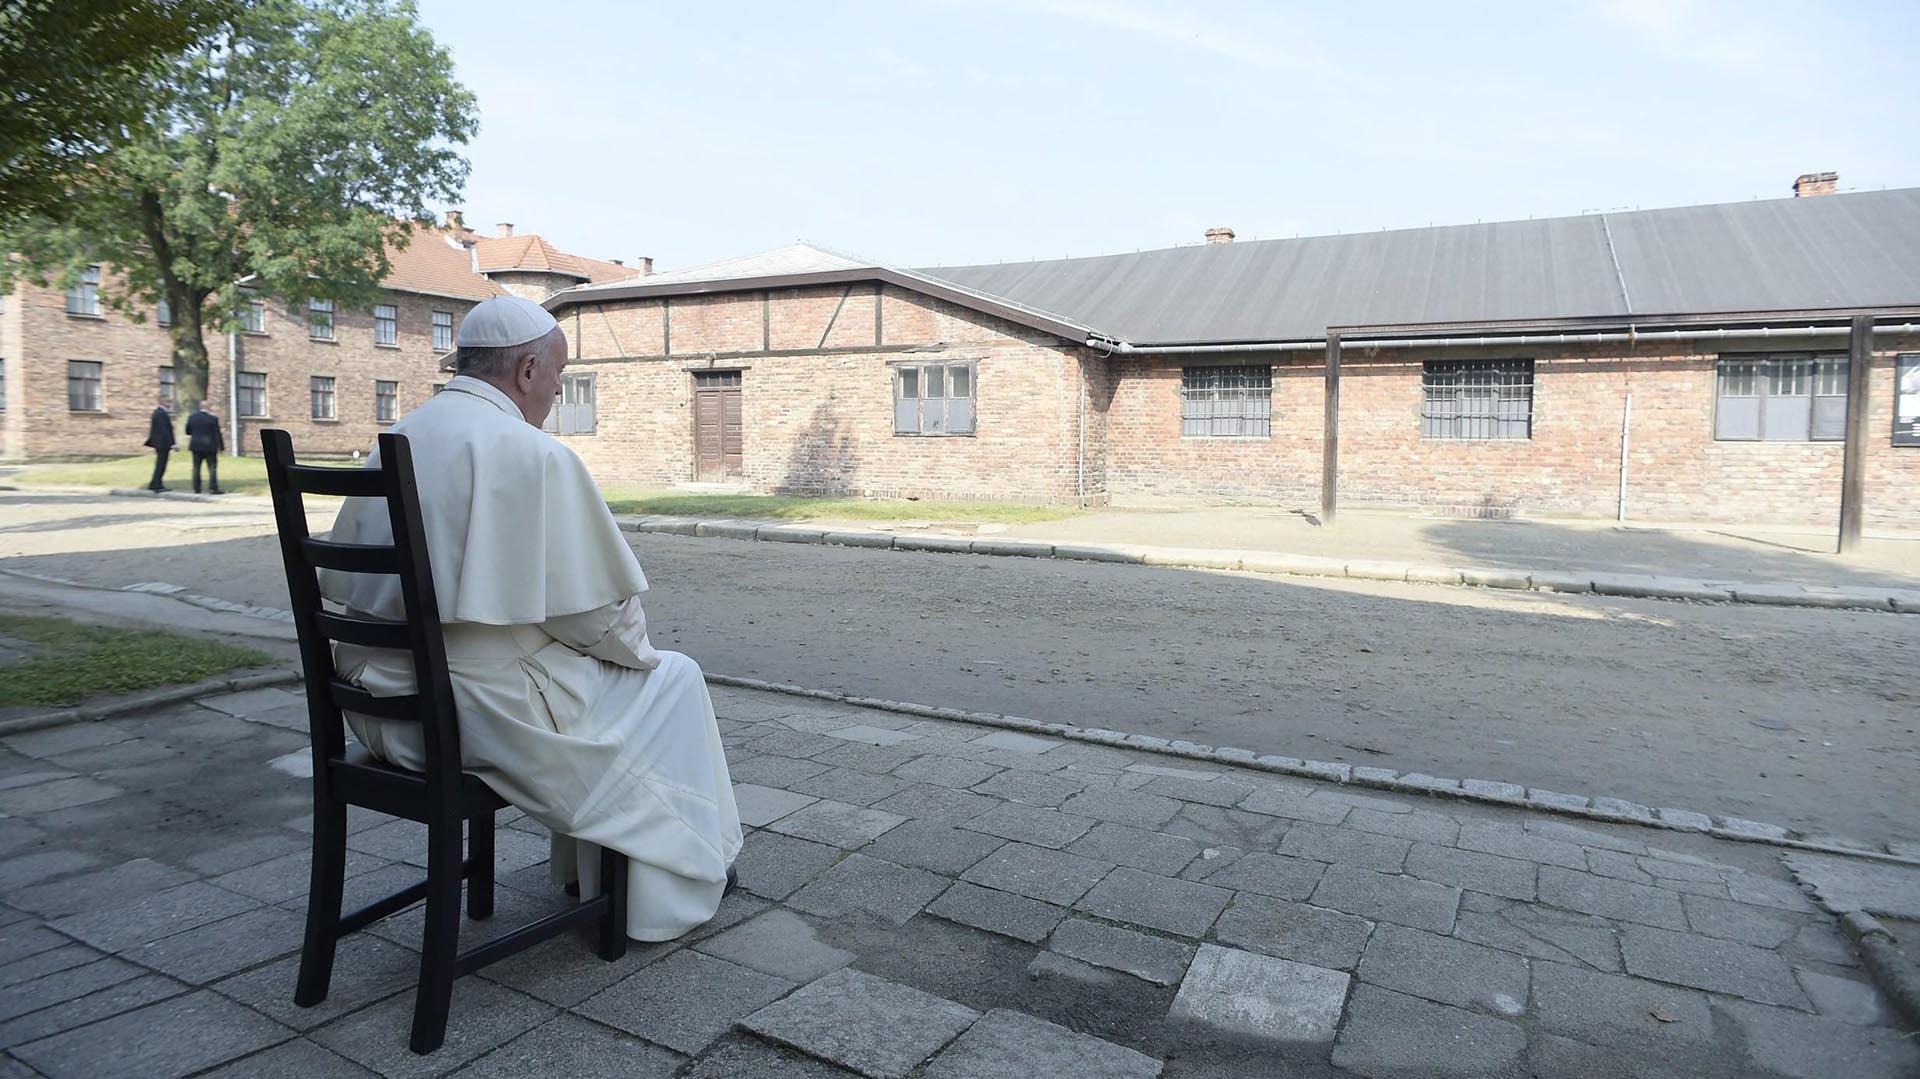 Francisco sentado frente a un barracón durante su visita al campo de concentración nazi de Auschwitz (EFE)